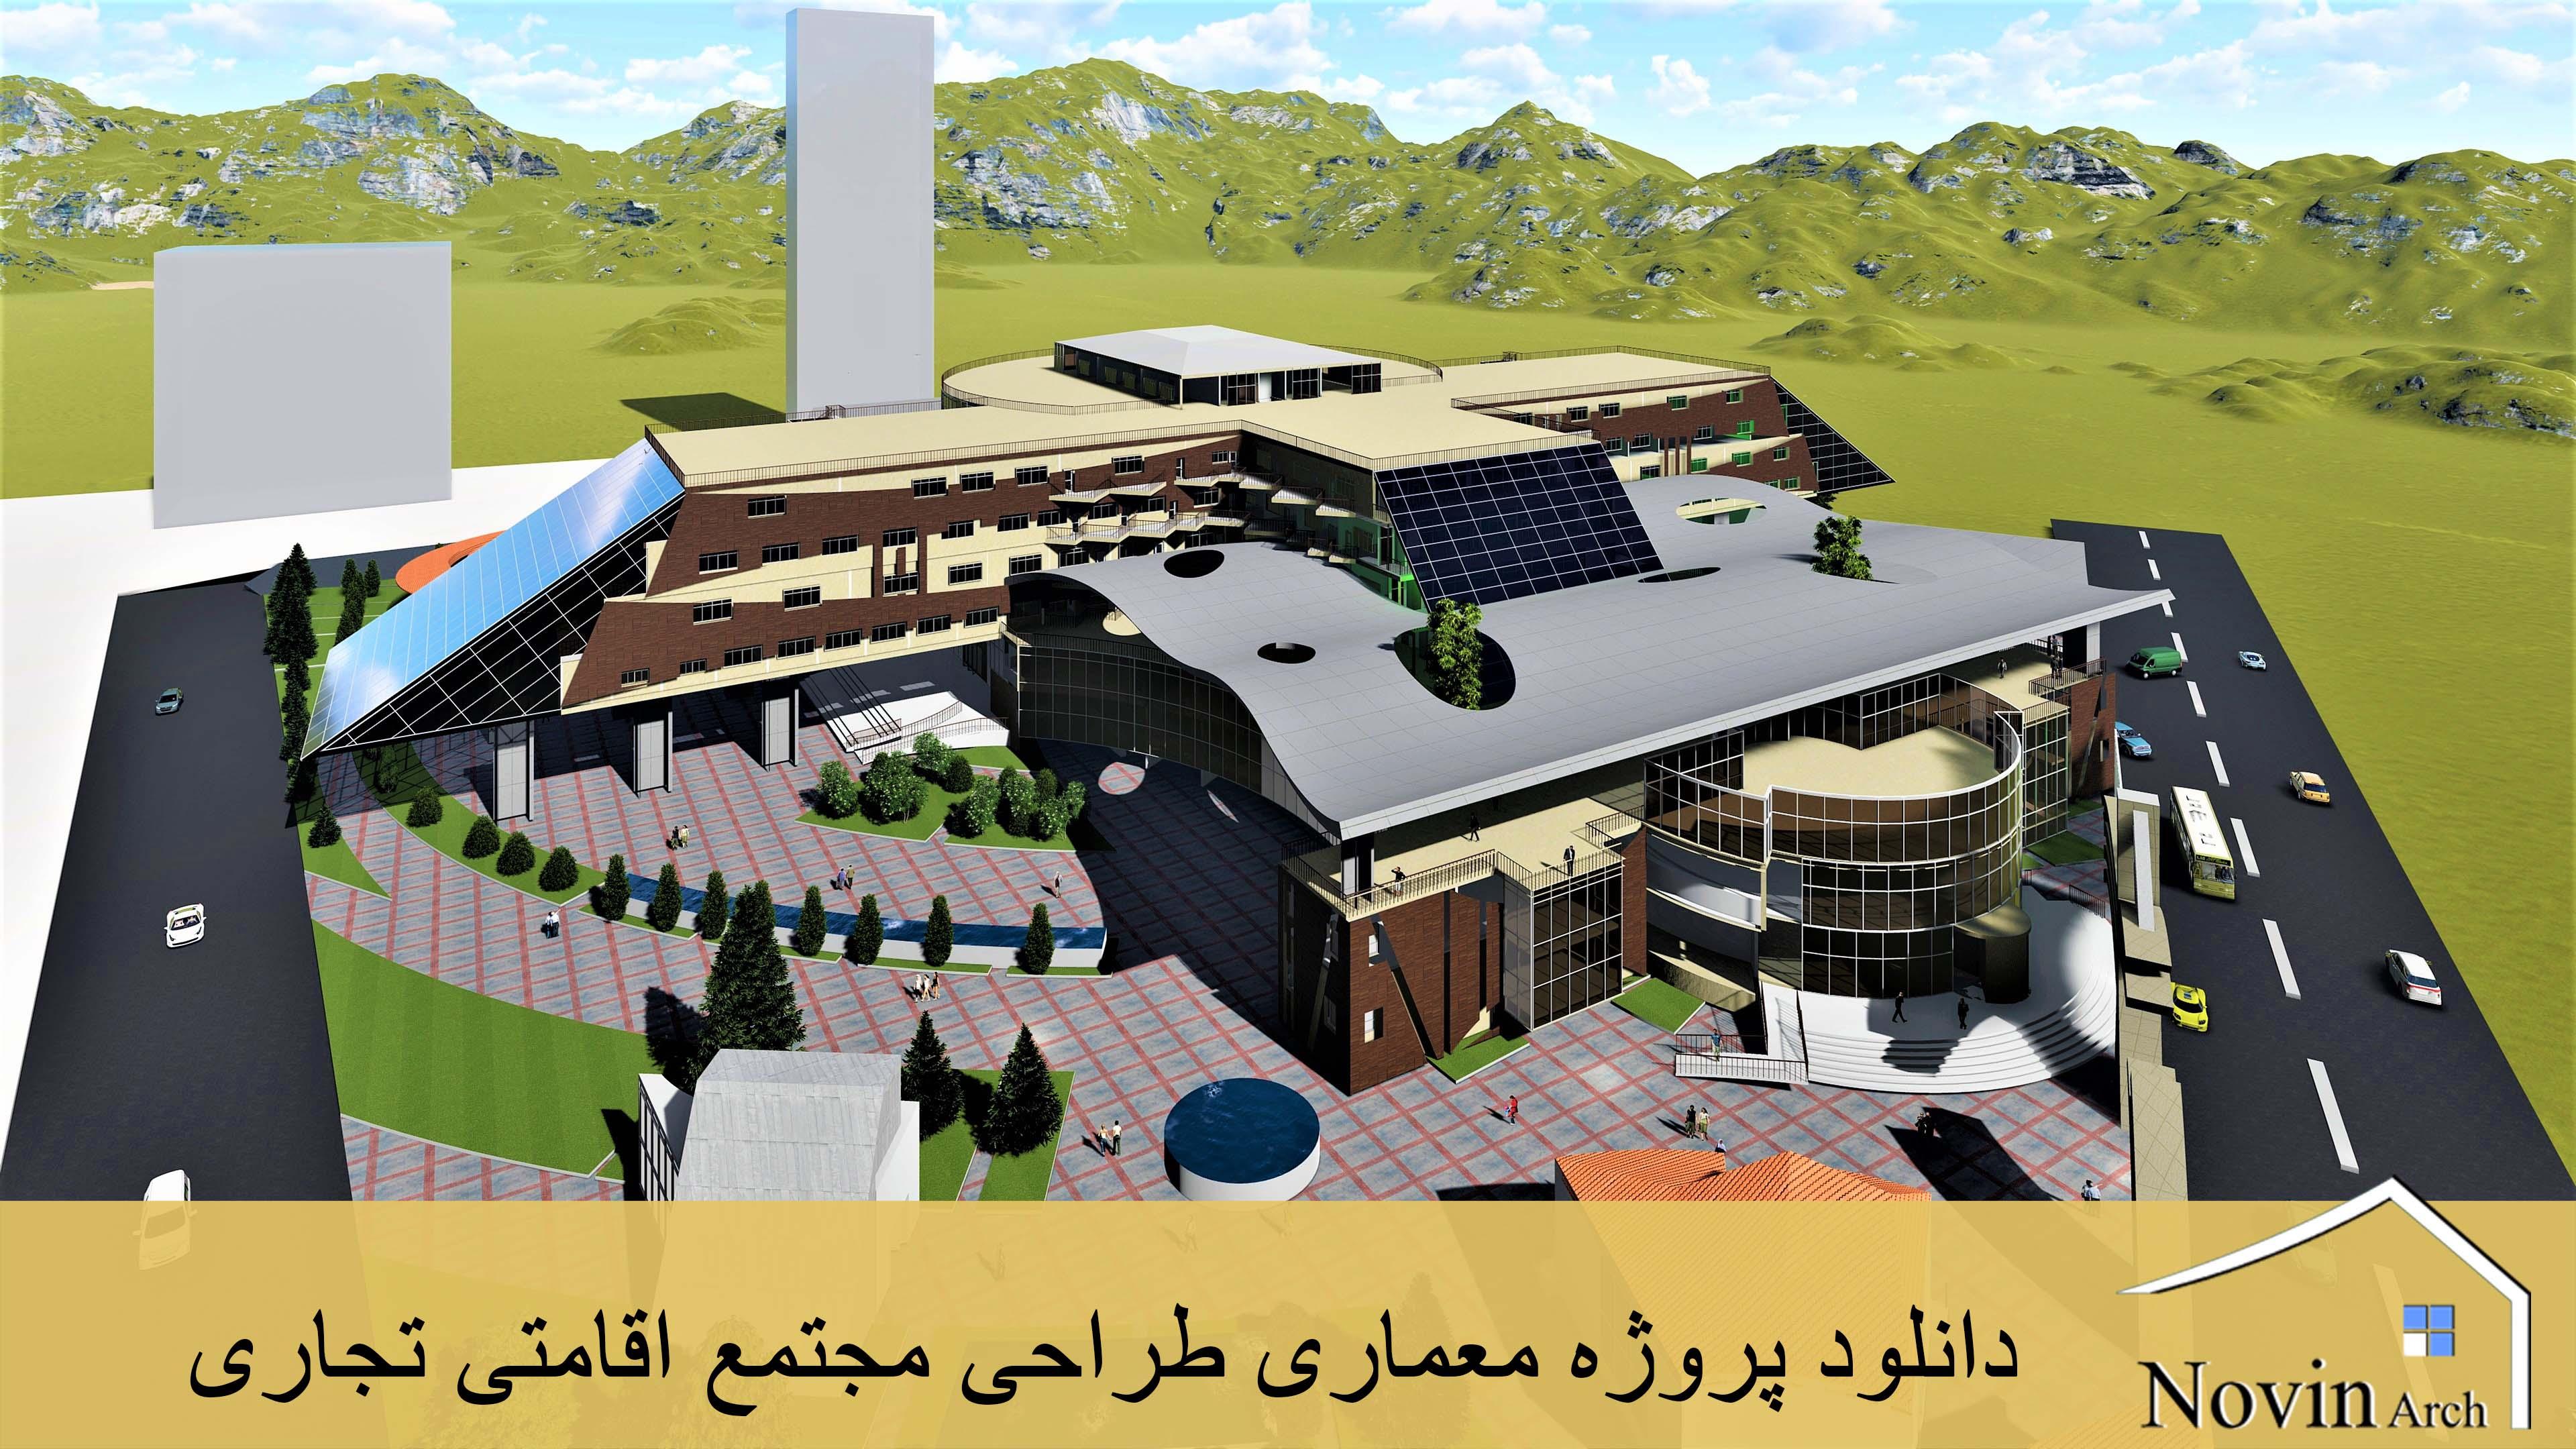 دانلود پروژه معماری طراحی مجتمع اقامتی تجاری